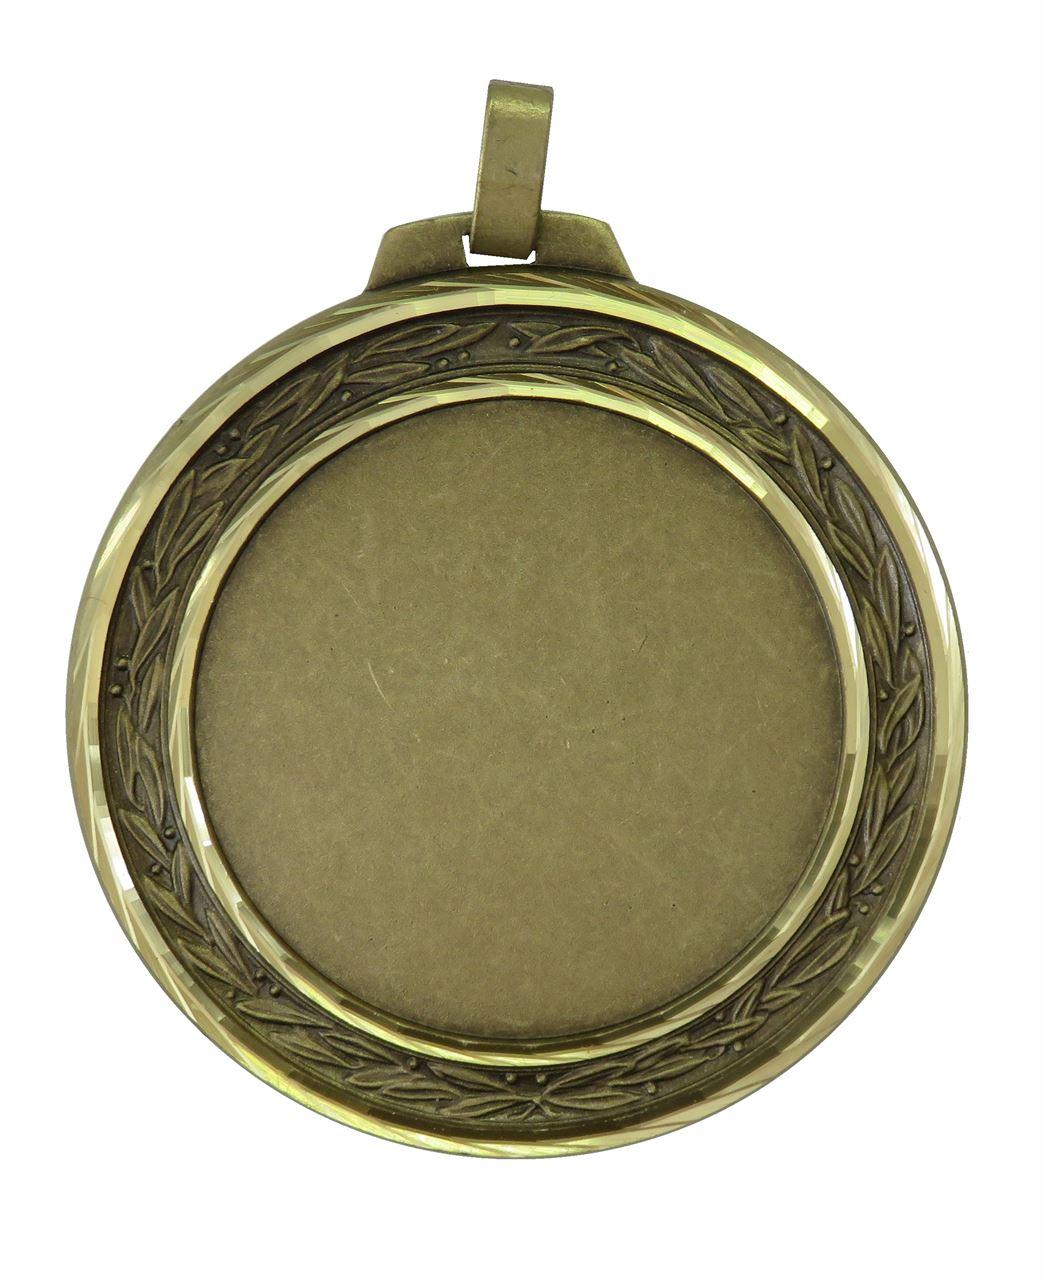 Bronze Faceted Laurel Medal (size: 60mm and 70mm) - 5500FL